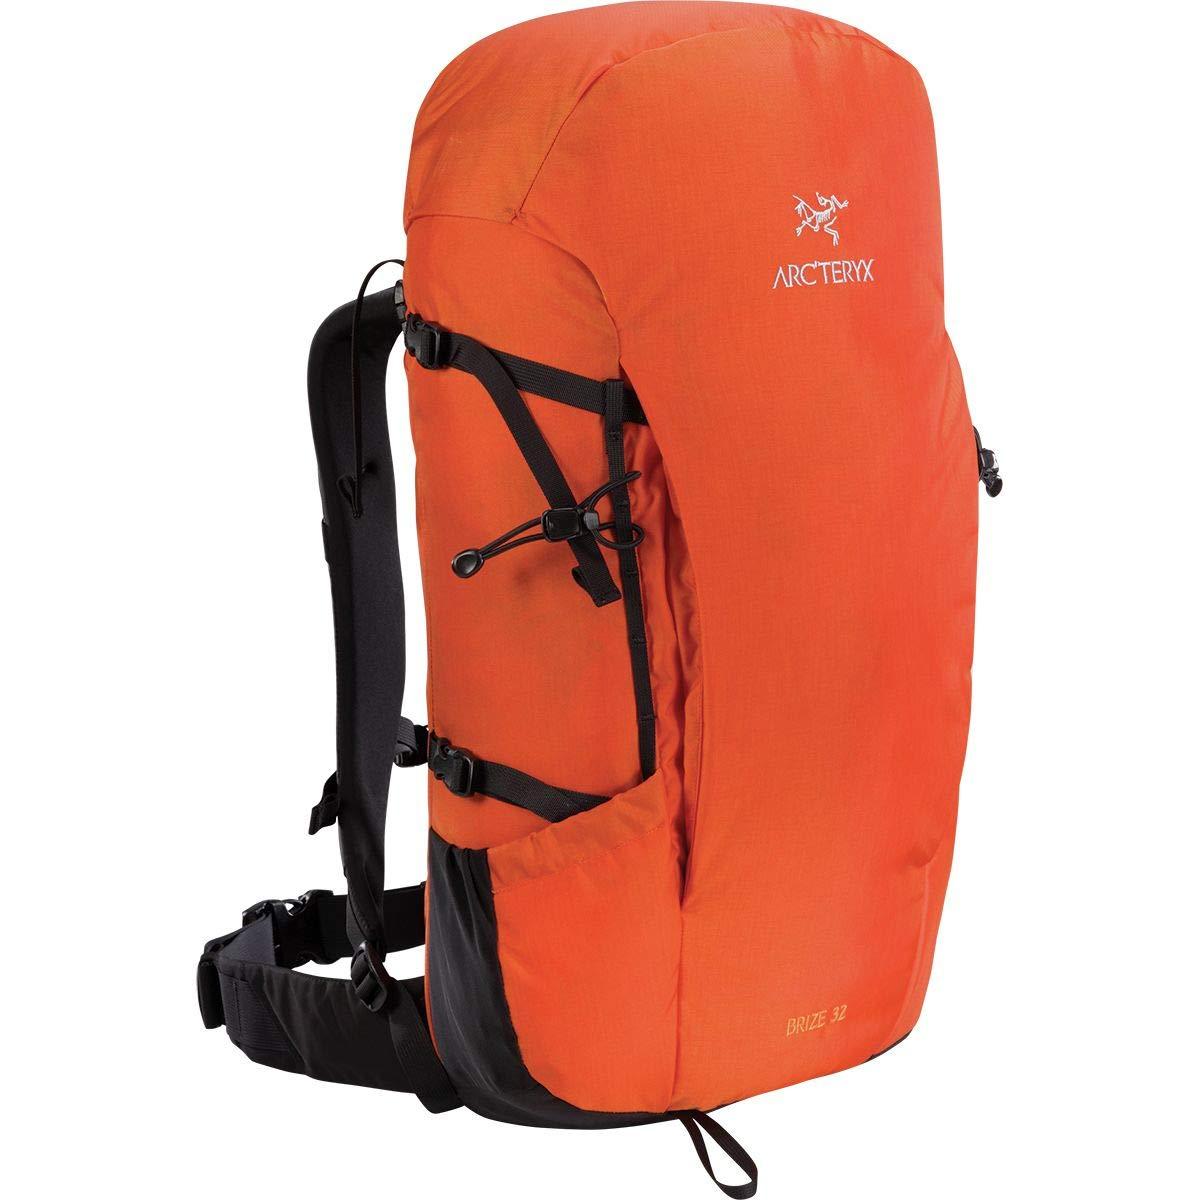 ARC'TERYX(アークテリクス) Brize 32 Backpack ブライズ 32 バックパック 18795 (Trail Blaze)   B07FDXL73M